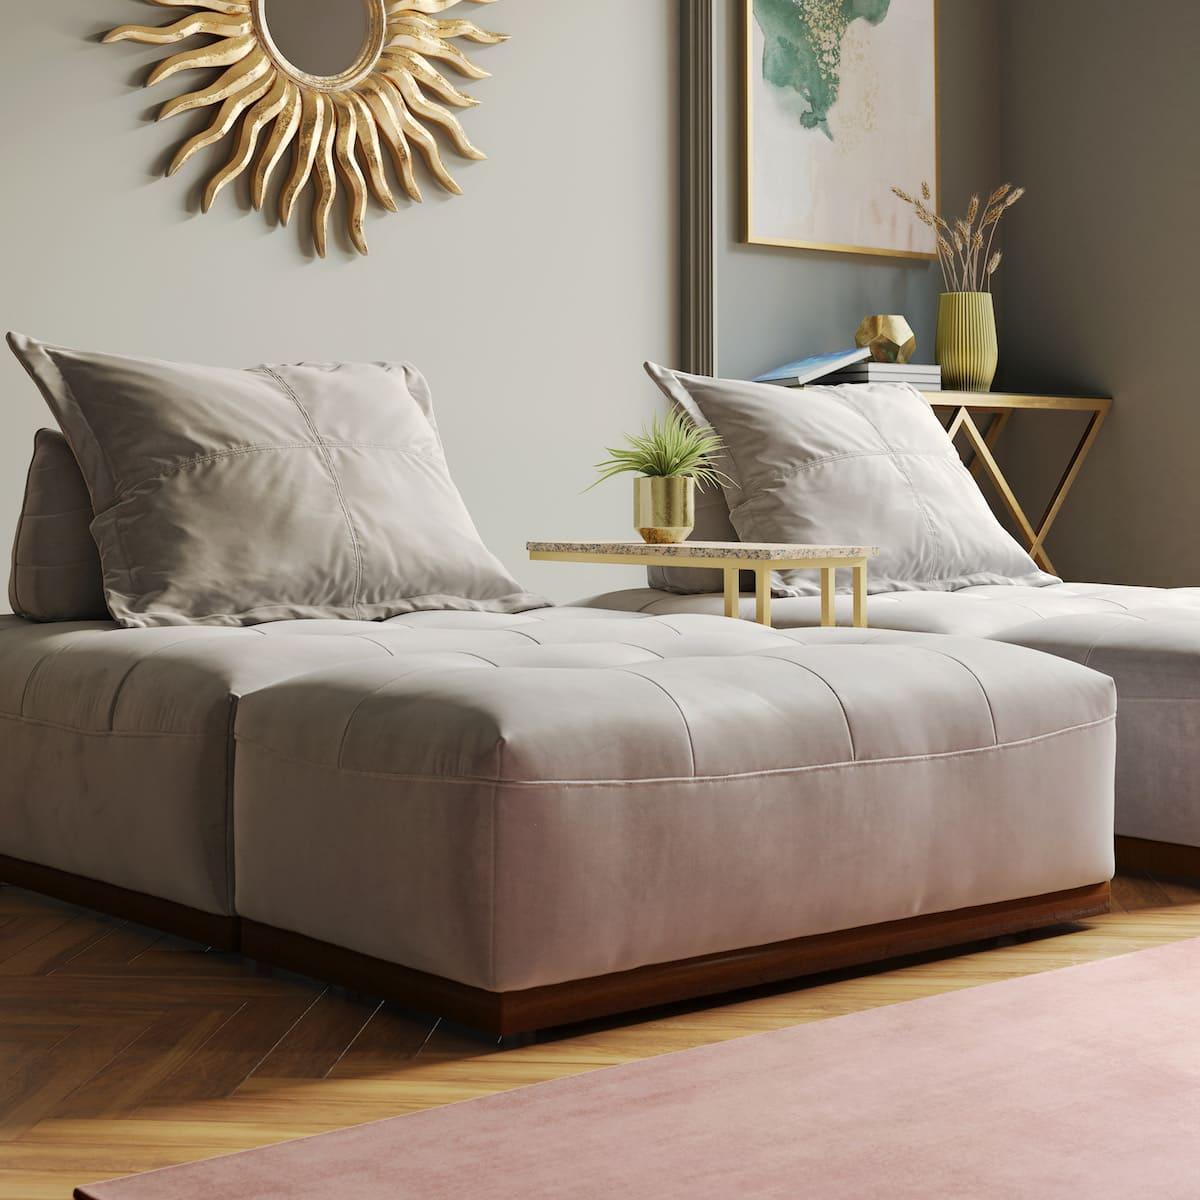 design d'intérieur d'un appartement à la mode photo 18